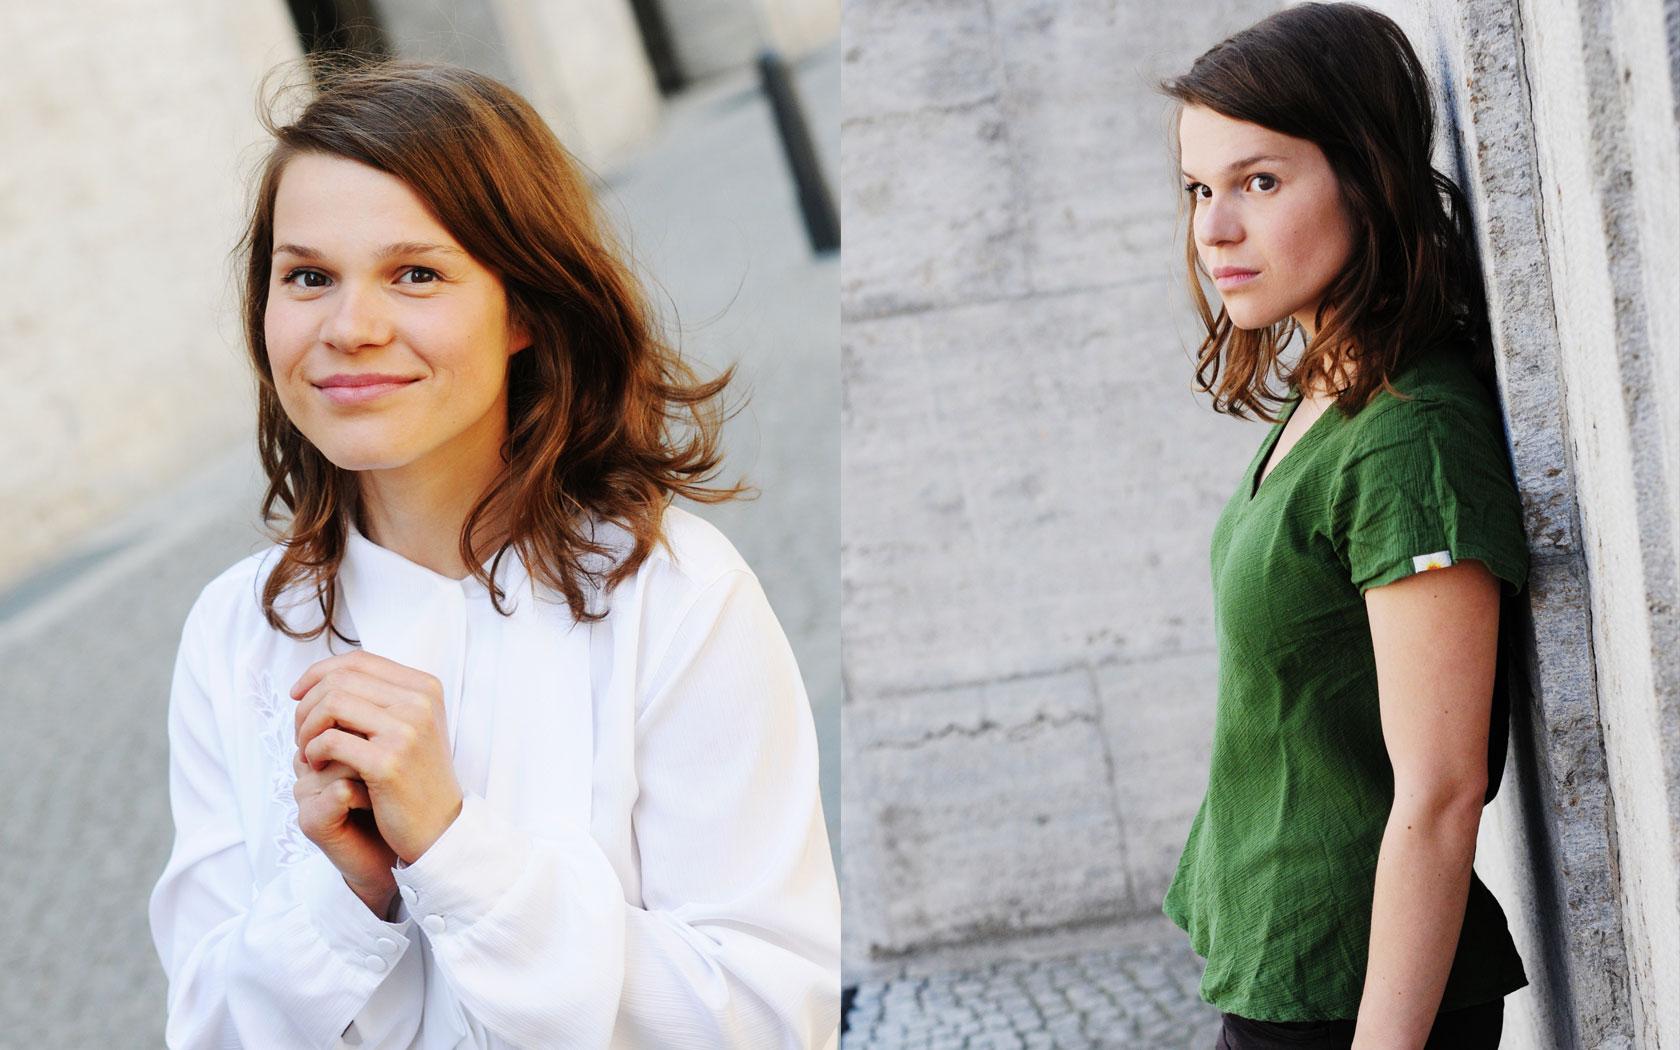 Medium close-up Straßenszene von Franziska Krol, Schauspielerin und Sprecherin aus Berlin